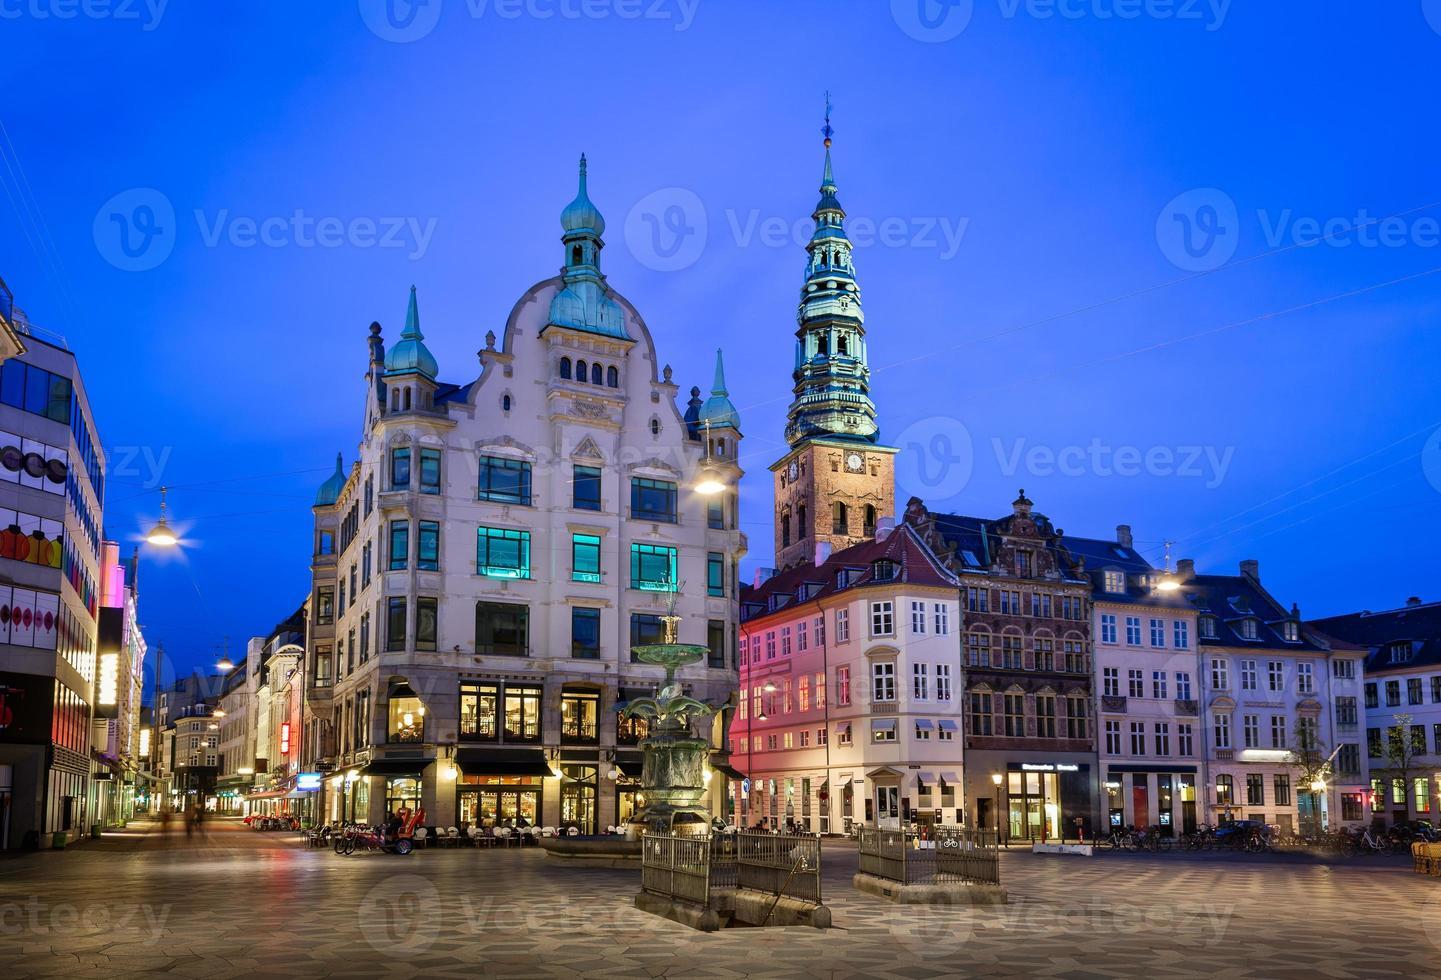 Amagertorv Platz und Storchbrunnen in der Altstadt foto